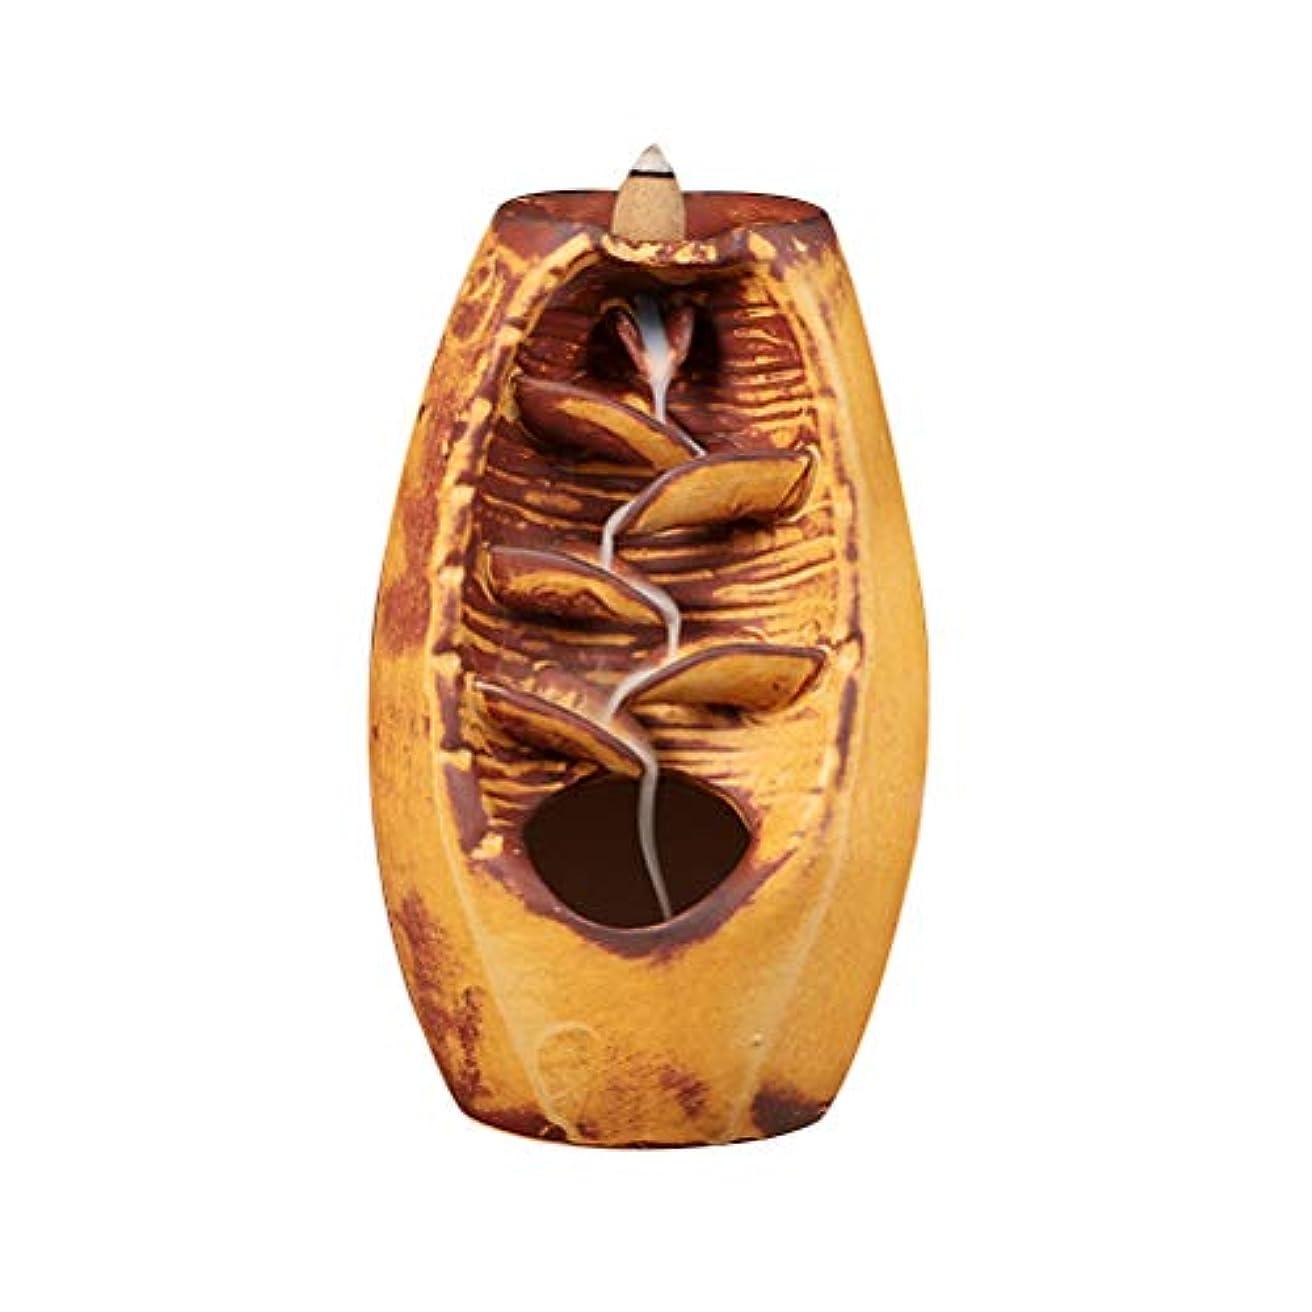 シリンダー謝るするだろうVosarea 逆流香バーナー滝香ホルダーアロマ飾り仏教用品(金)